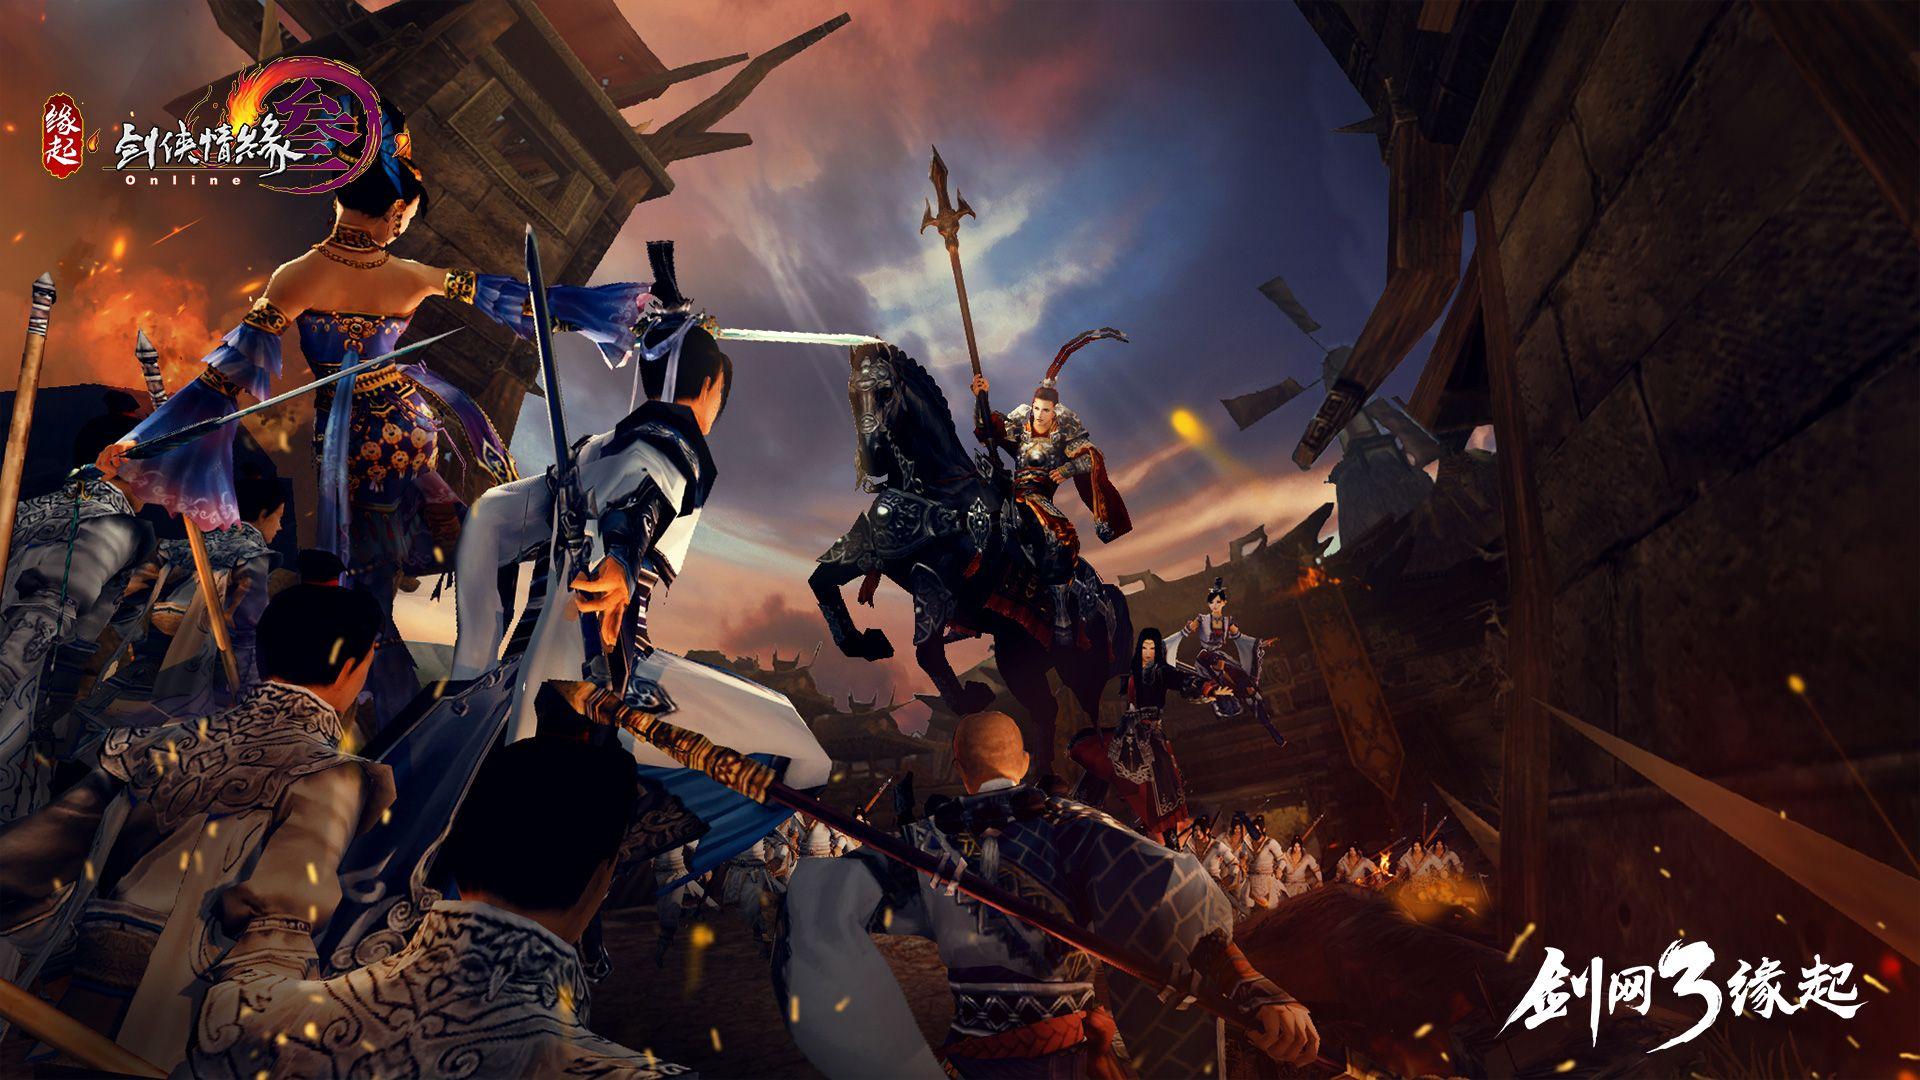 剑网3缘起和剑网3区别 剑网3缘起和剑网3有什么区别截图